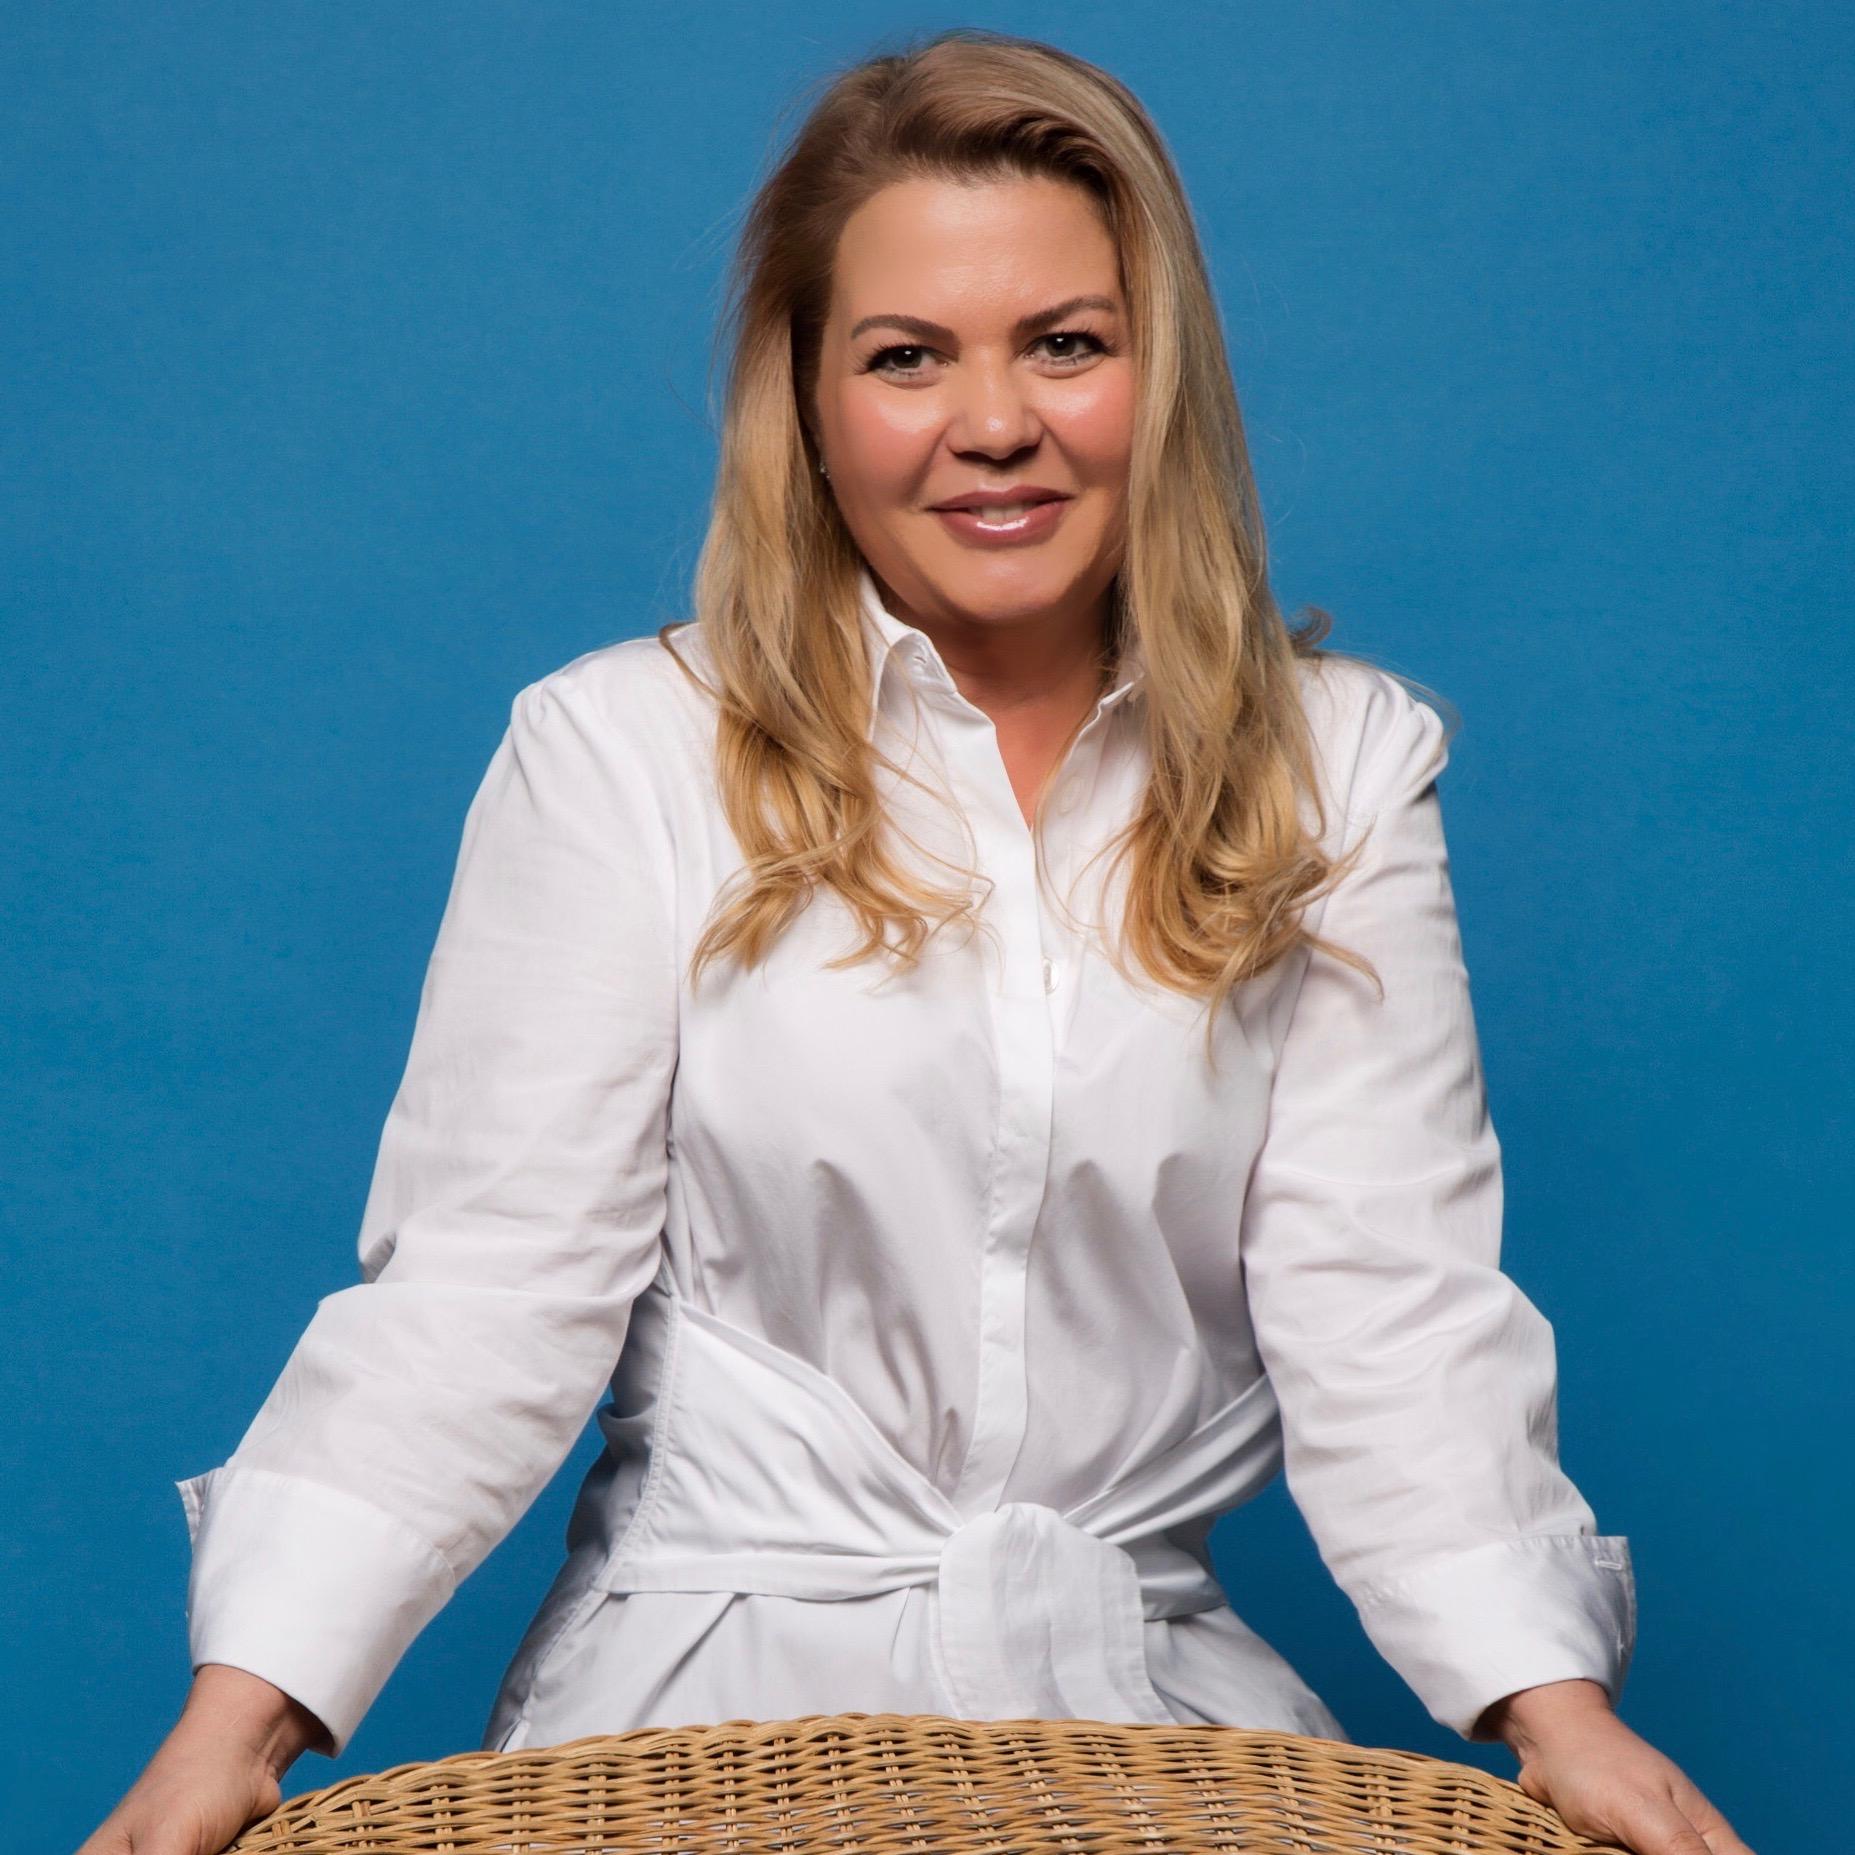 Ines Taveira